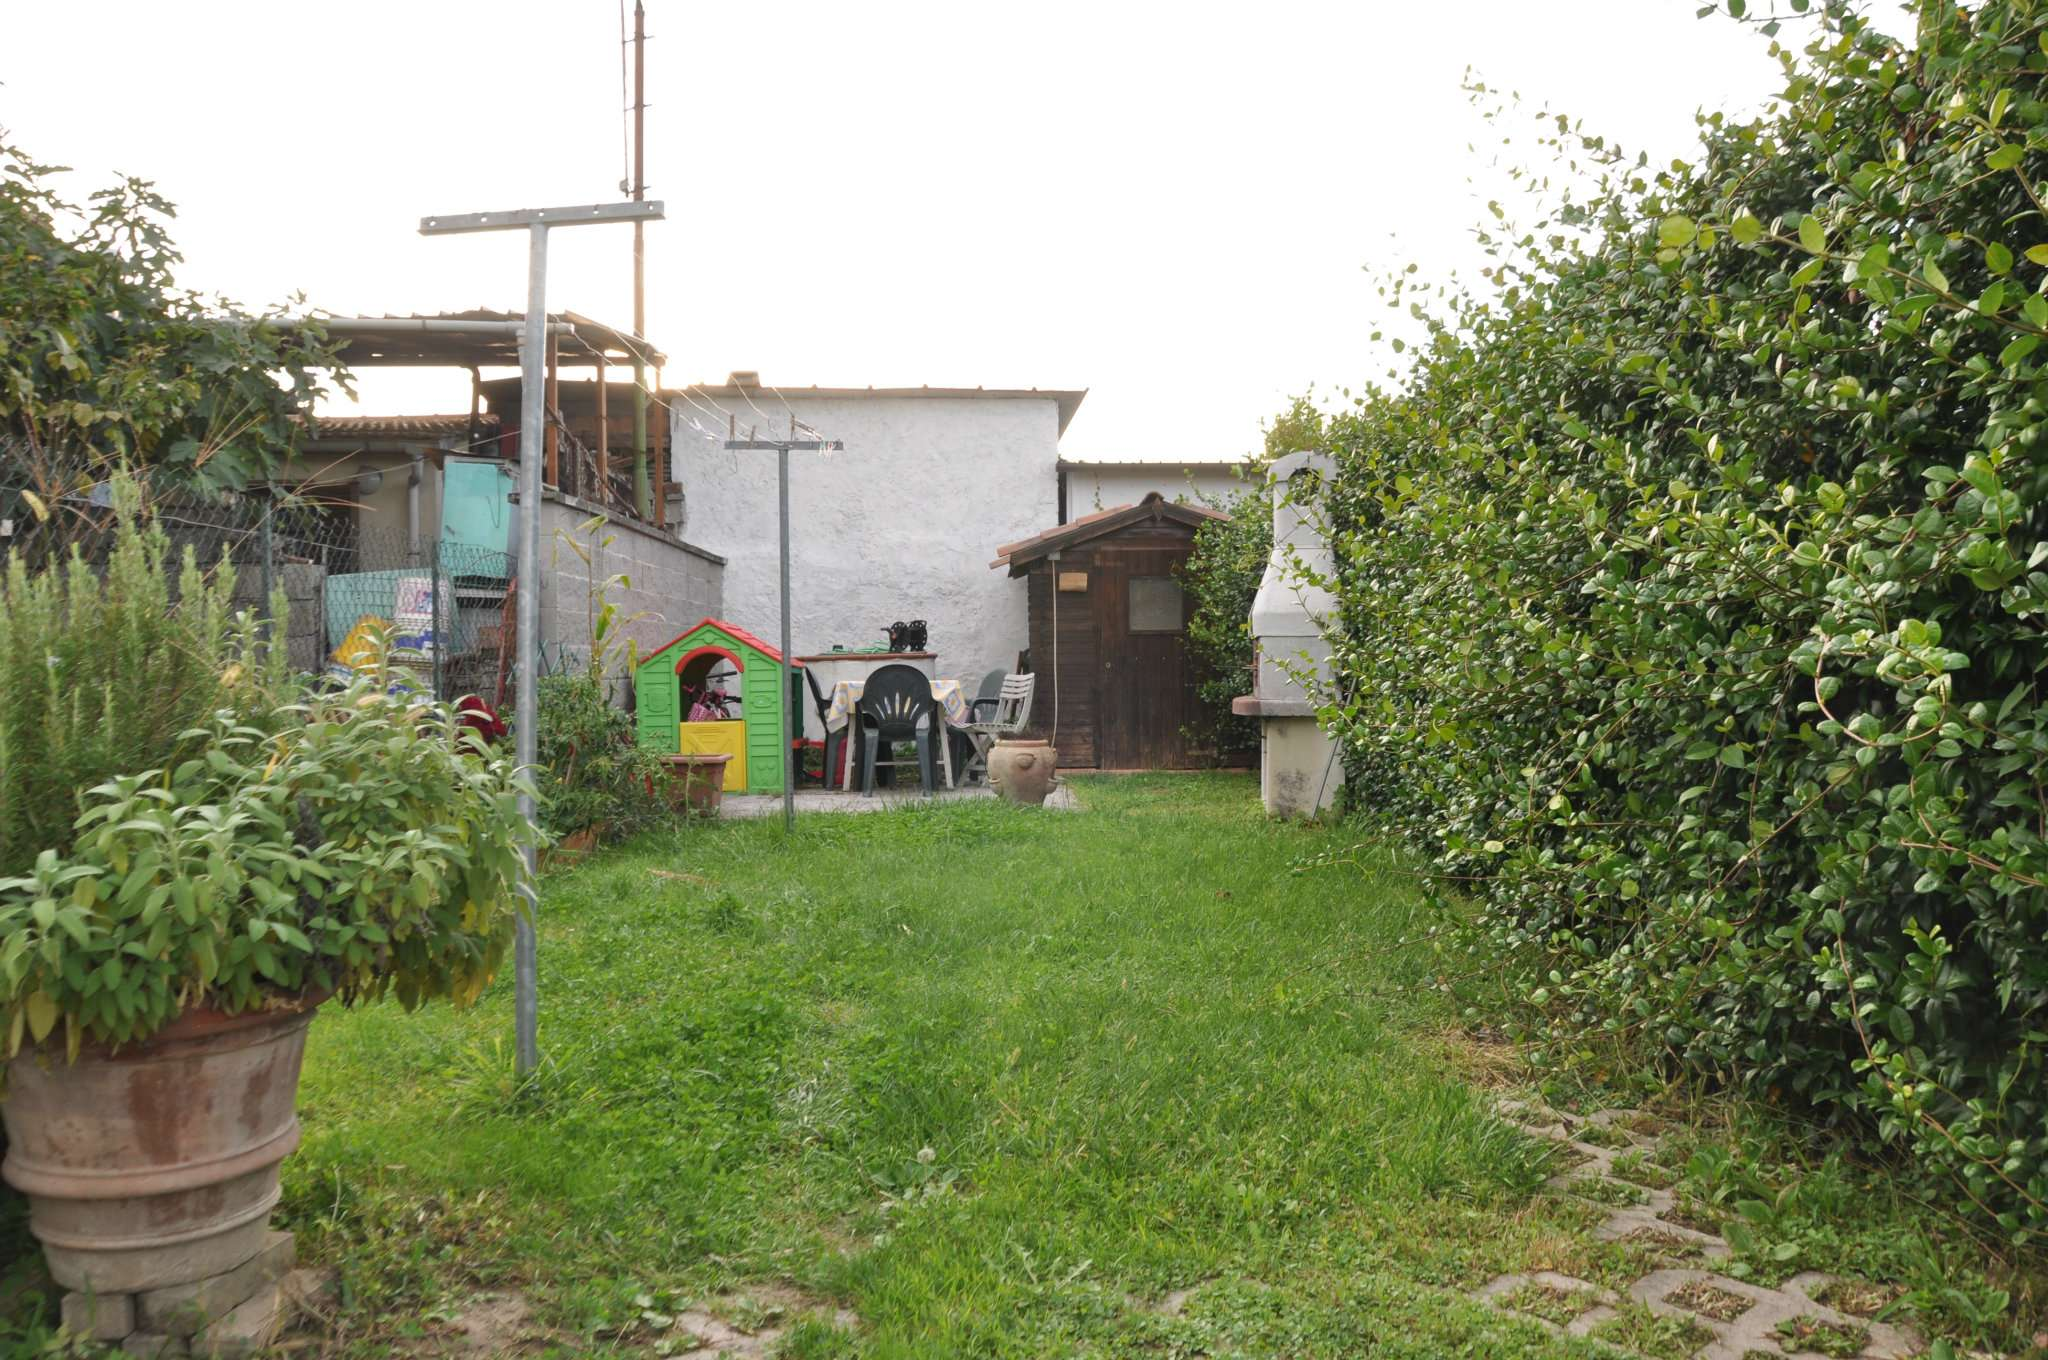 Palazzo / Stabile in vendita a Pistoia, 3 locali, prezzo € 130.000 | CambioCasa.it